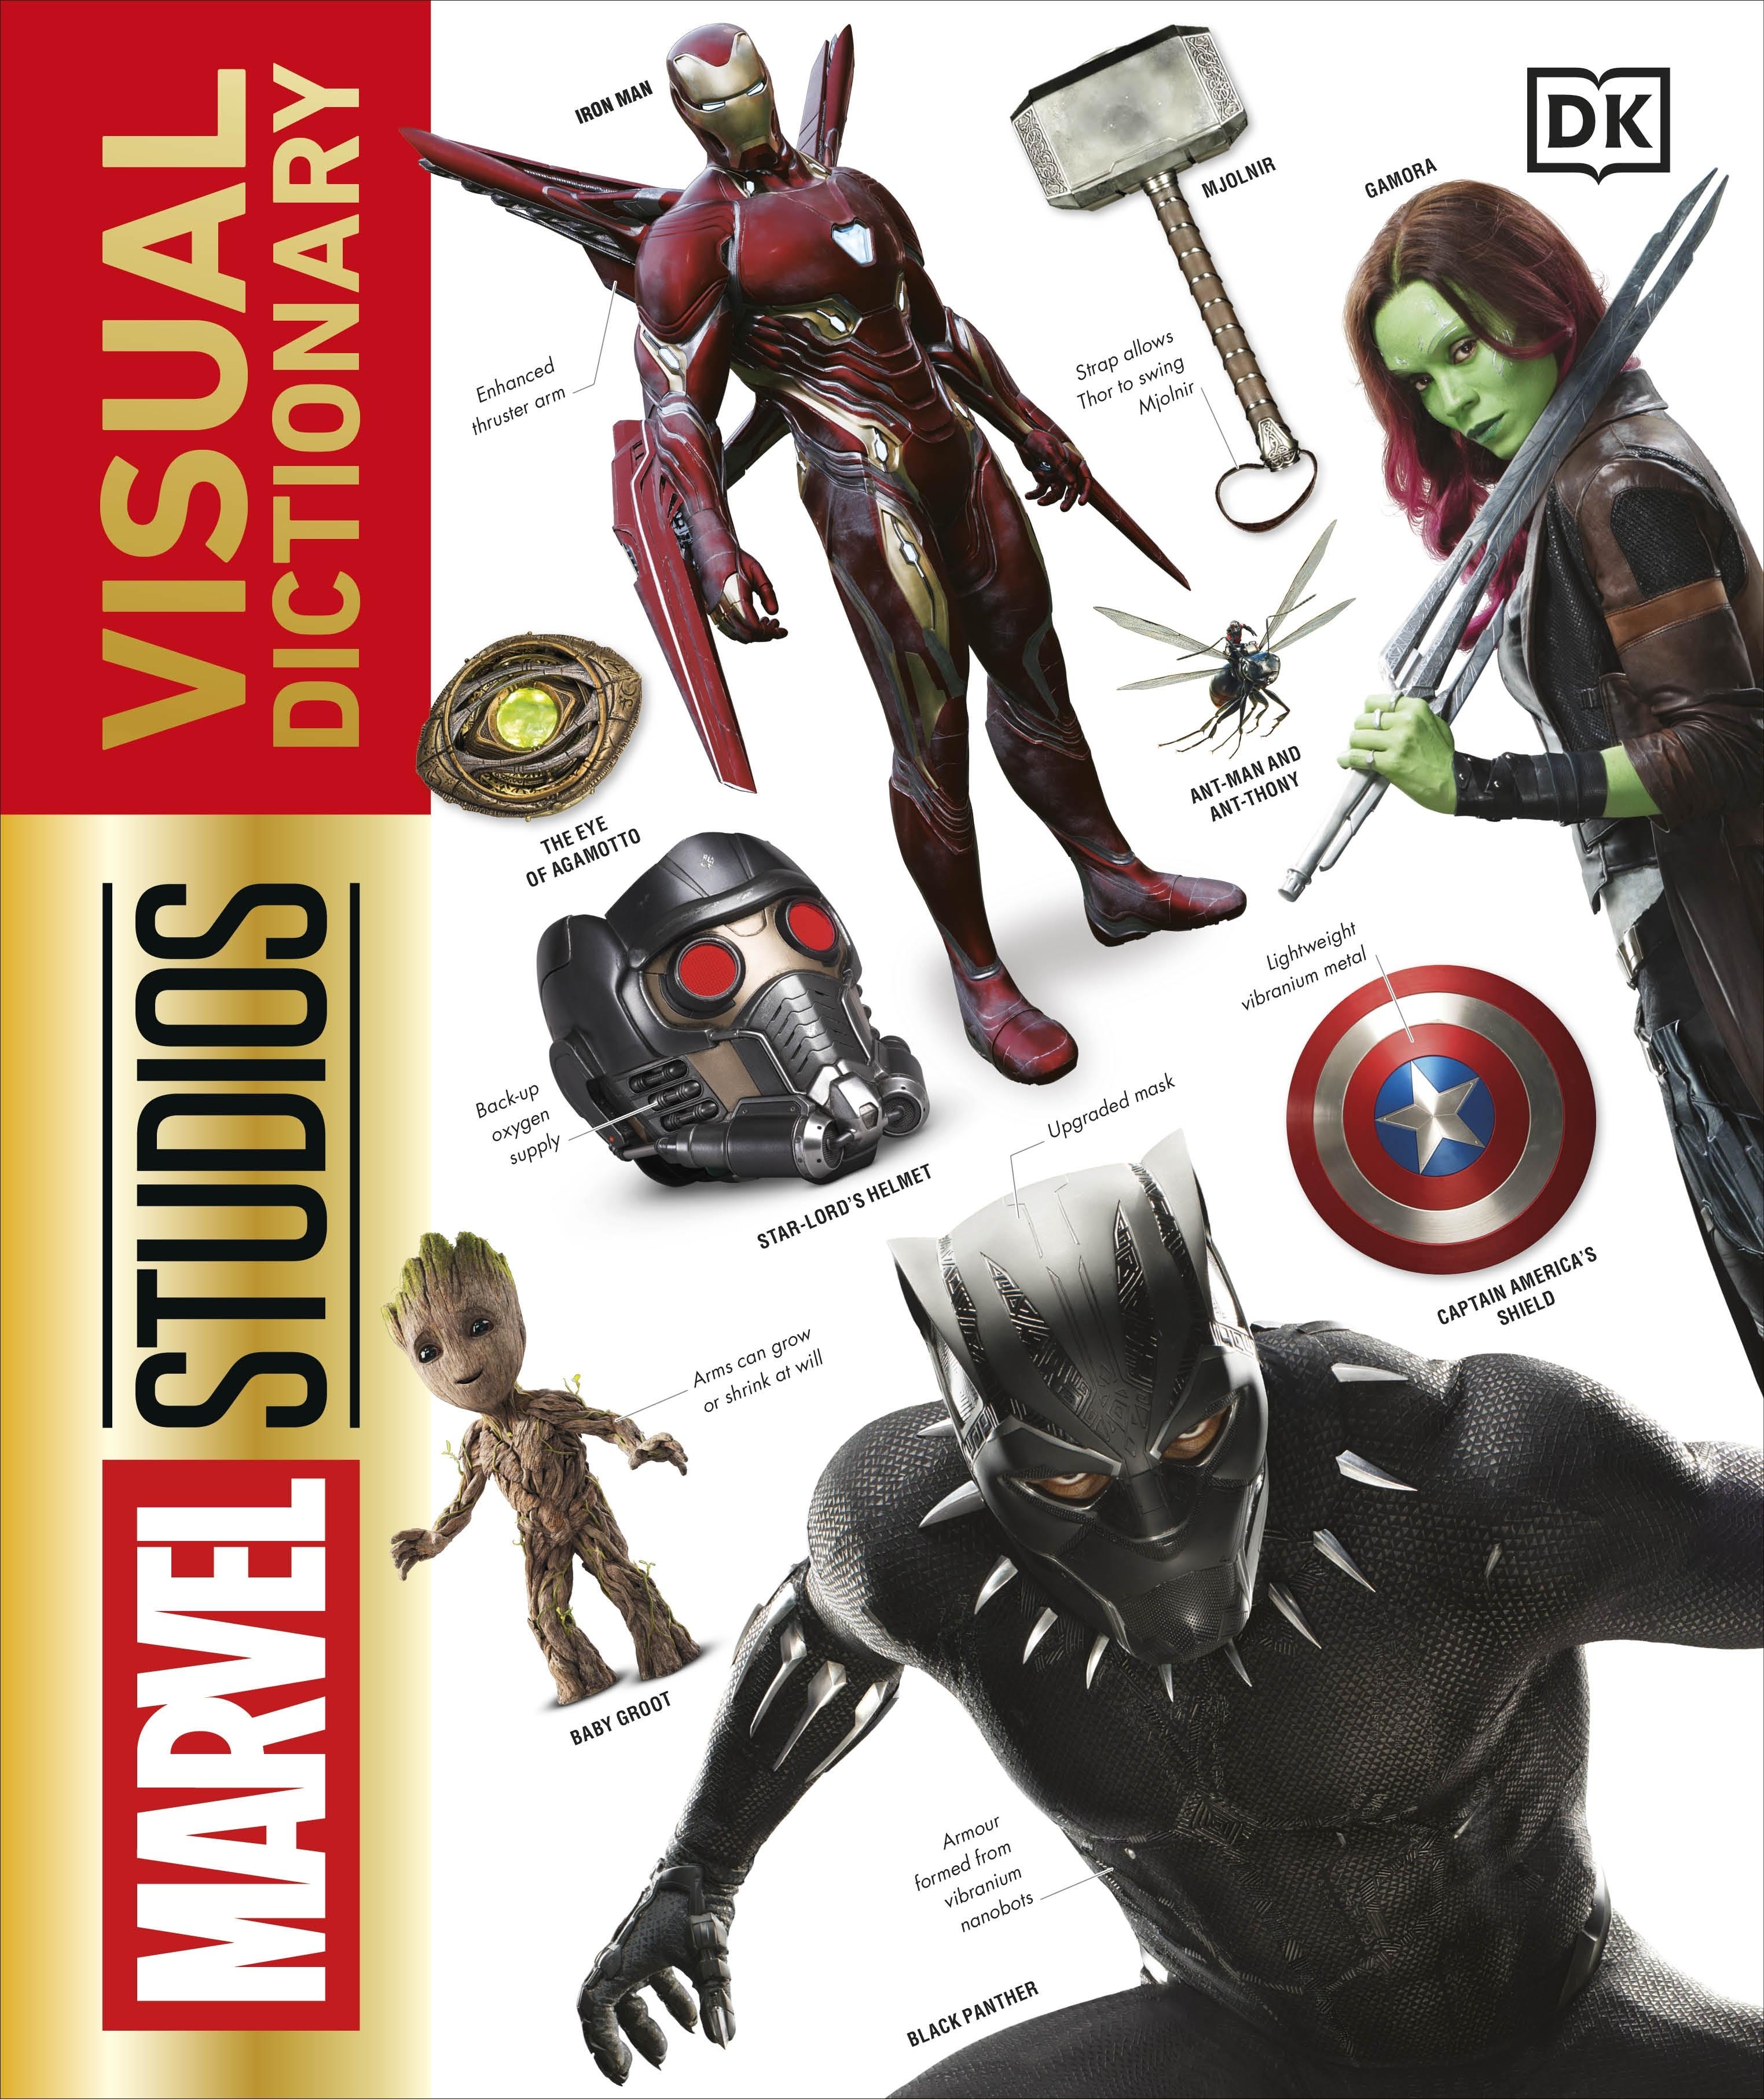 Marvel Studios: Marvel Studios Visual Dictionary By DK